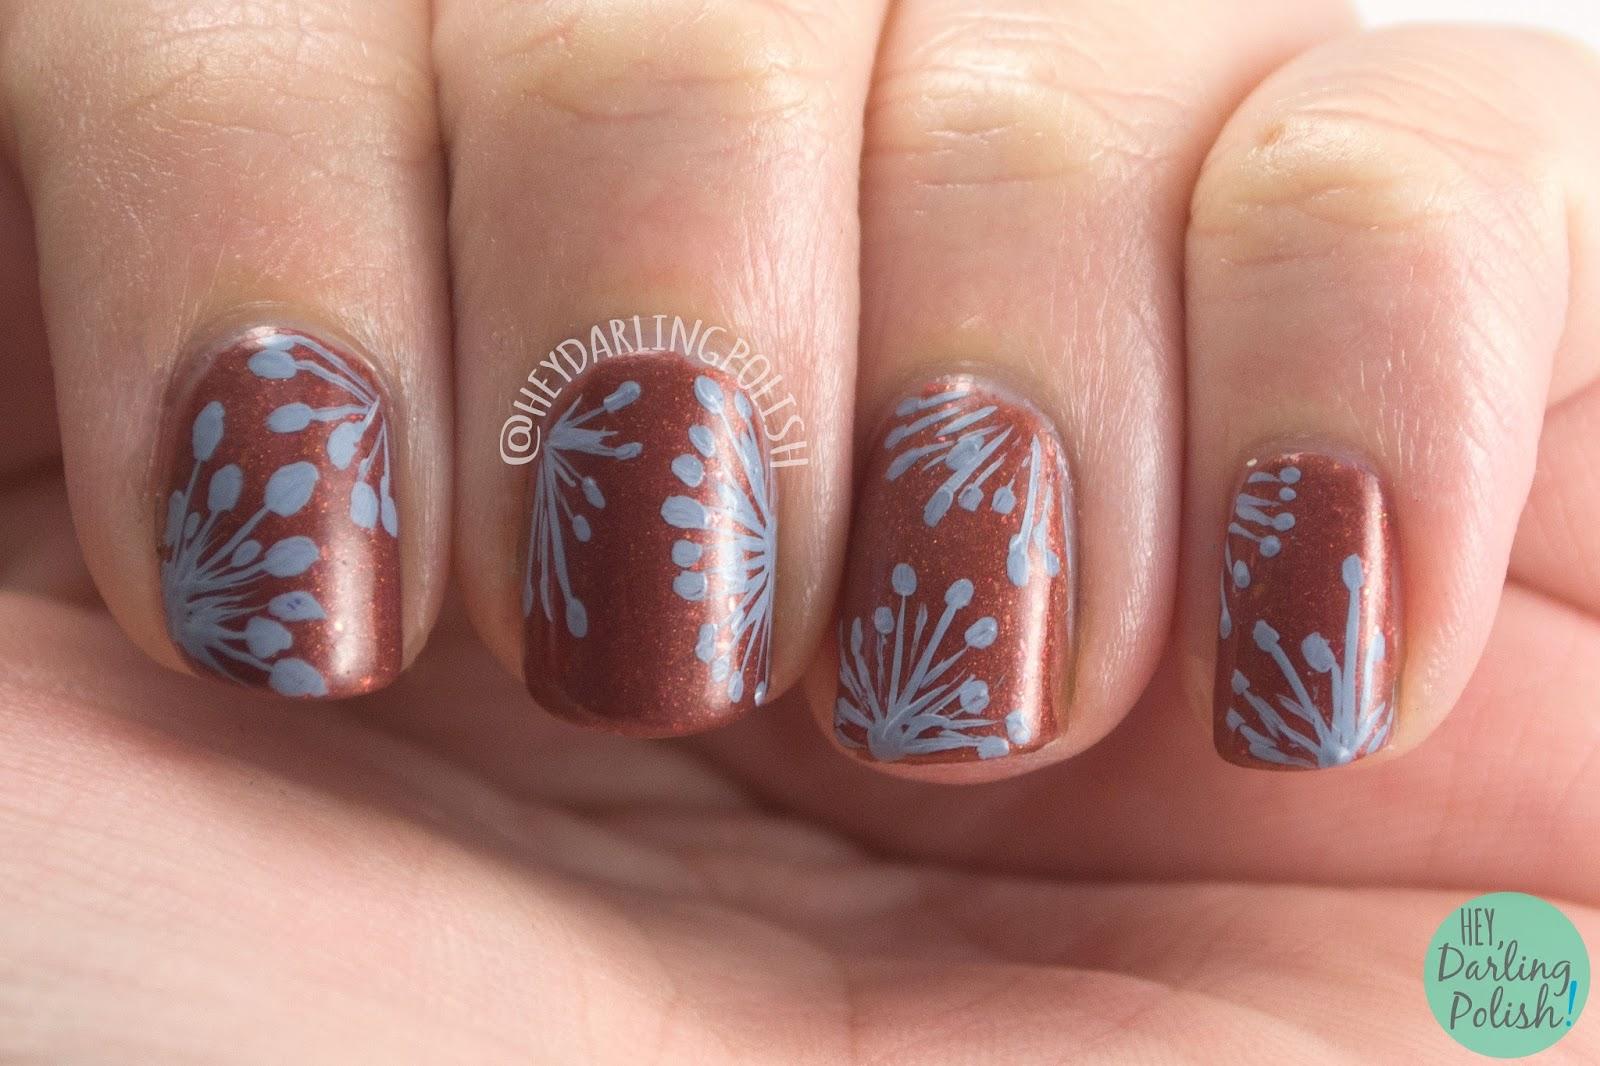 nails, nail art, nail polish, wallpaper, hey darling polish, copper, brown, floral, pattern